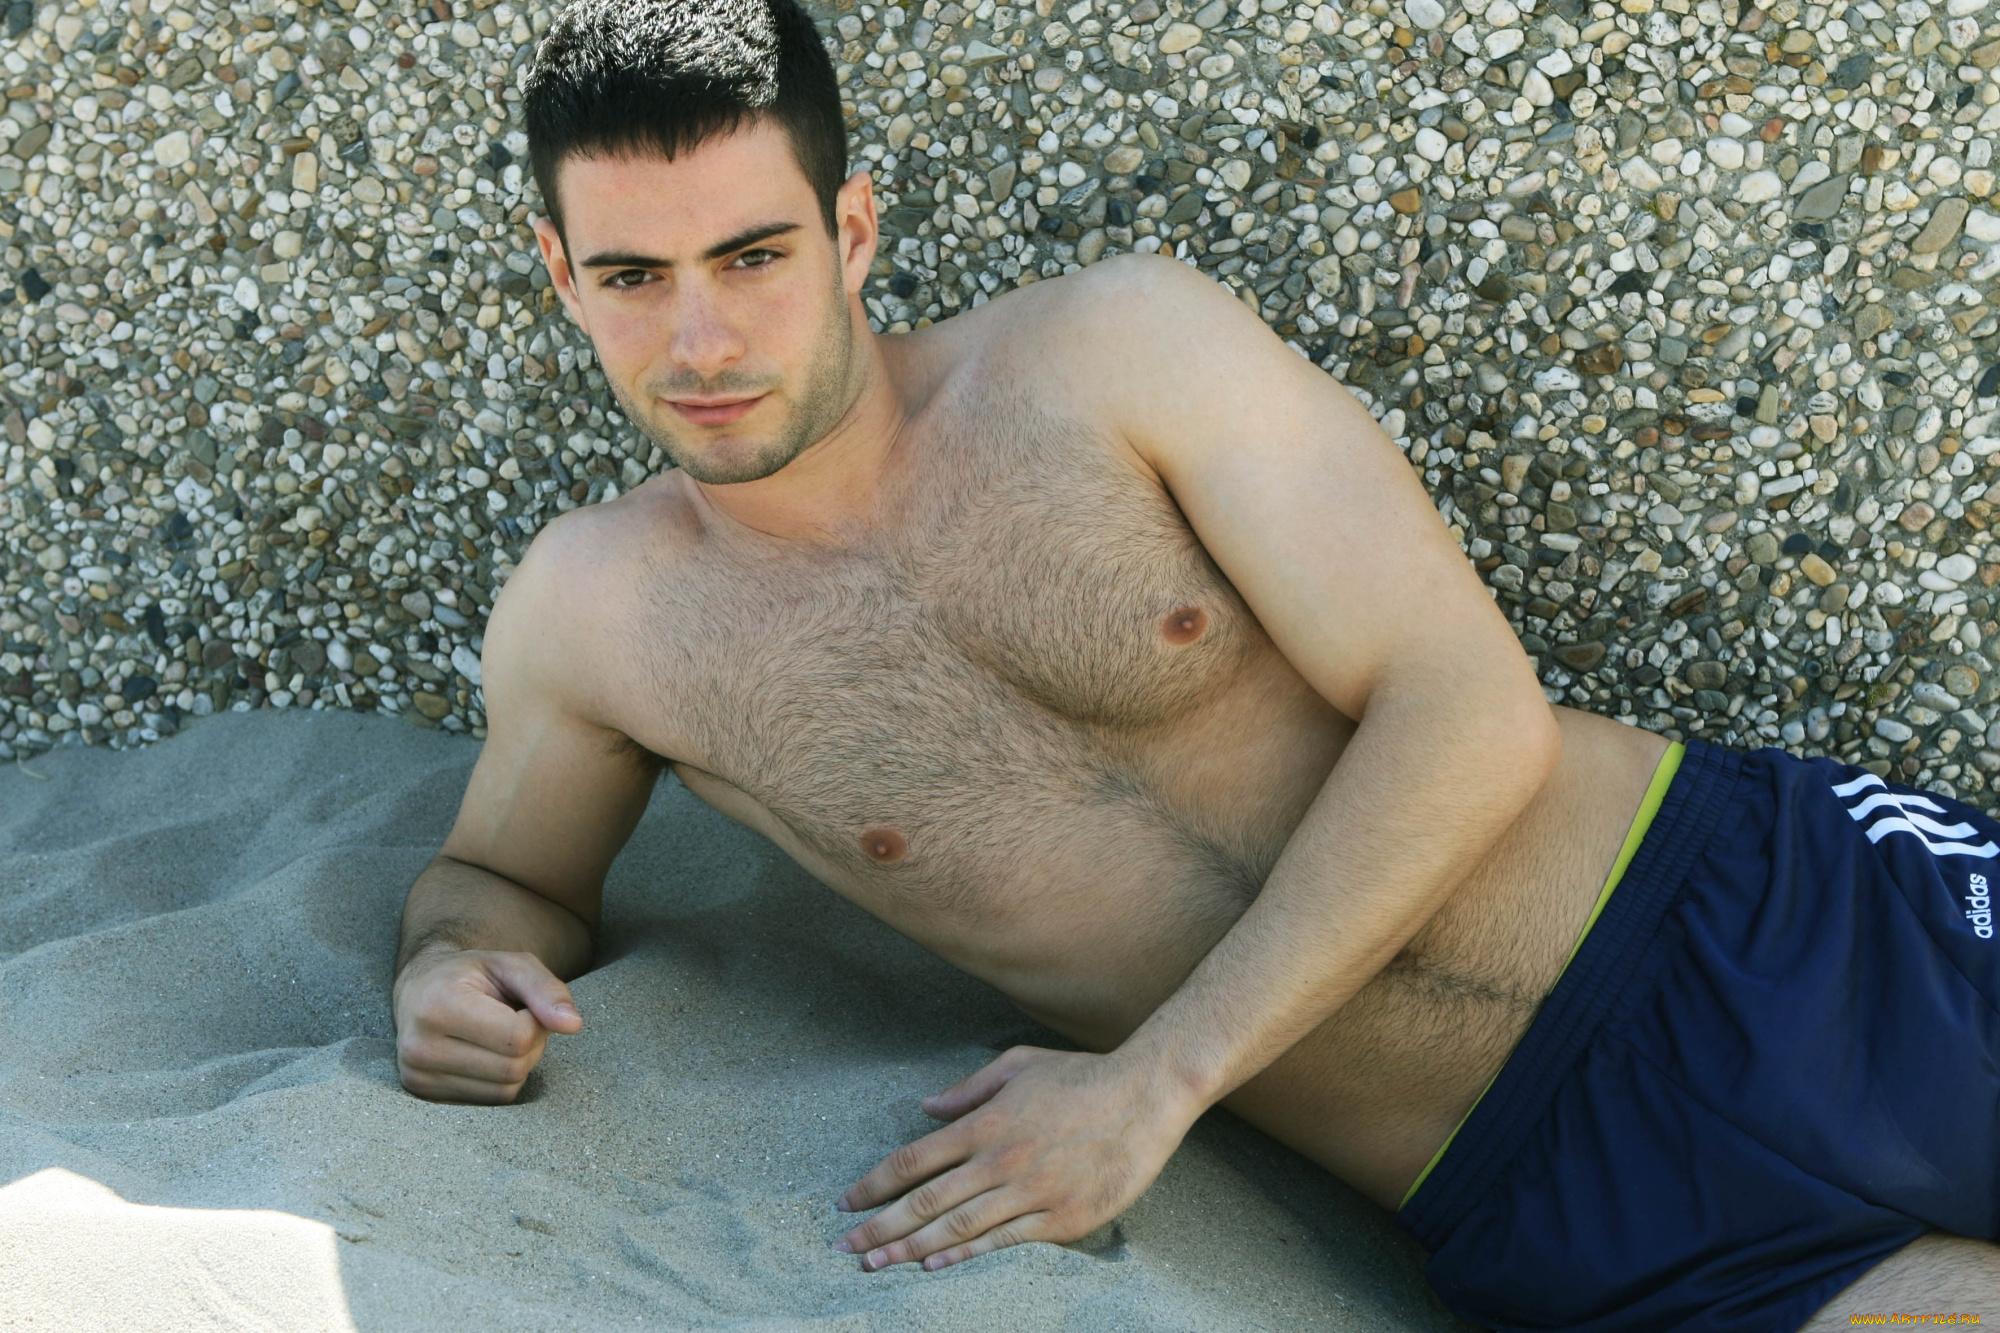 Фото раздеты мужчины, 25 фото голых мужчин. Эротическое фото сексуальных 23 фотография